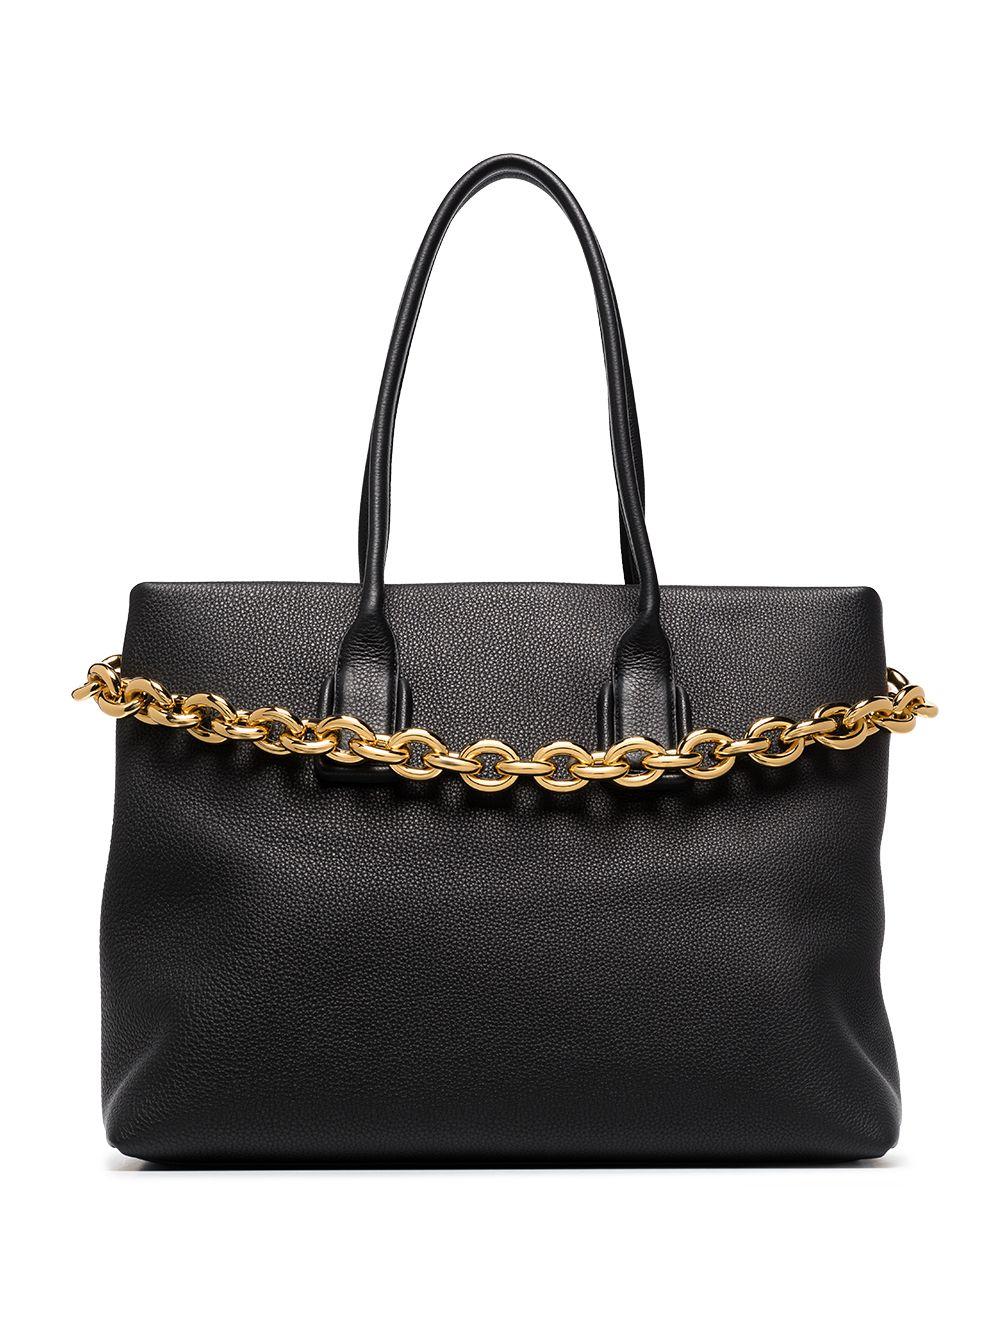 Bottega Veneta Handtasche aus Leder - Schwarz